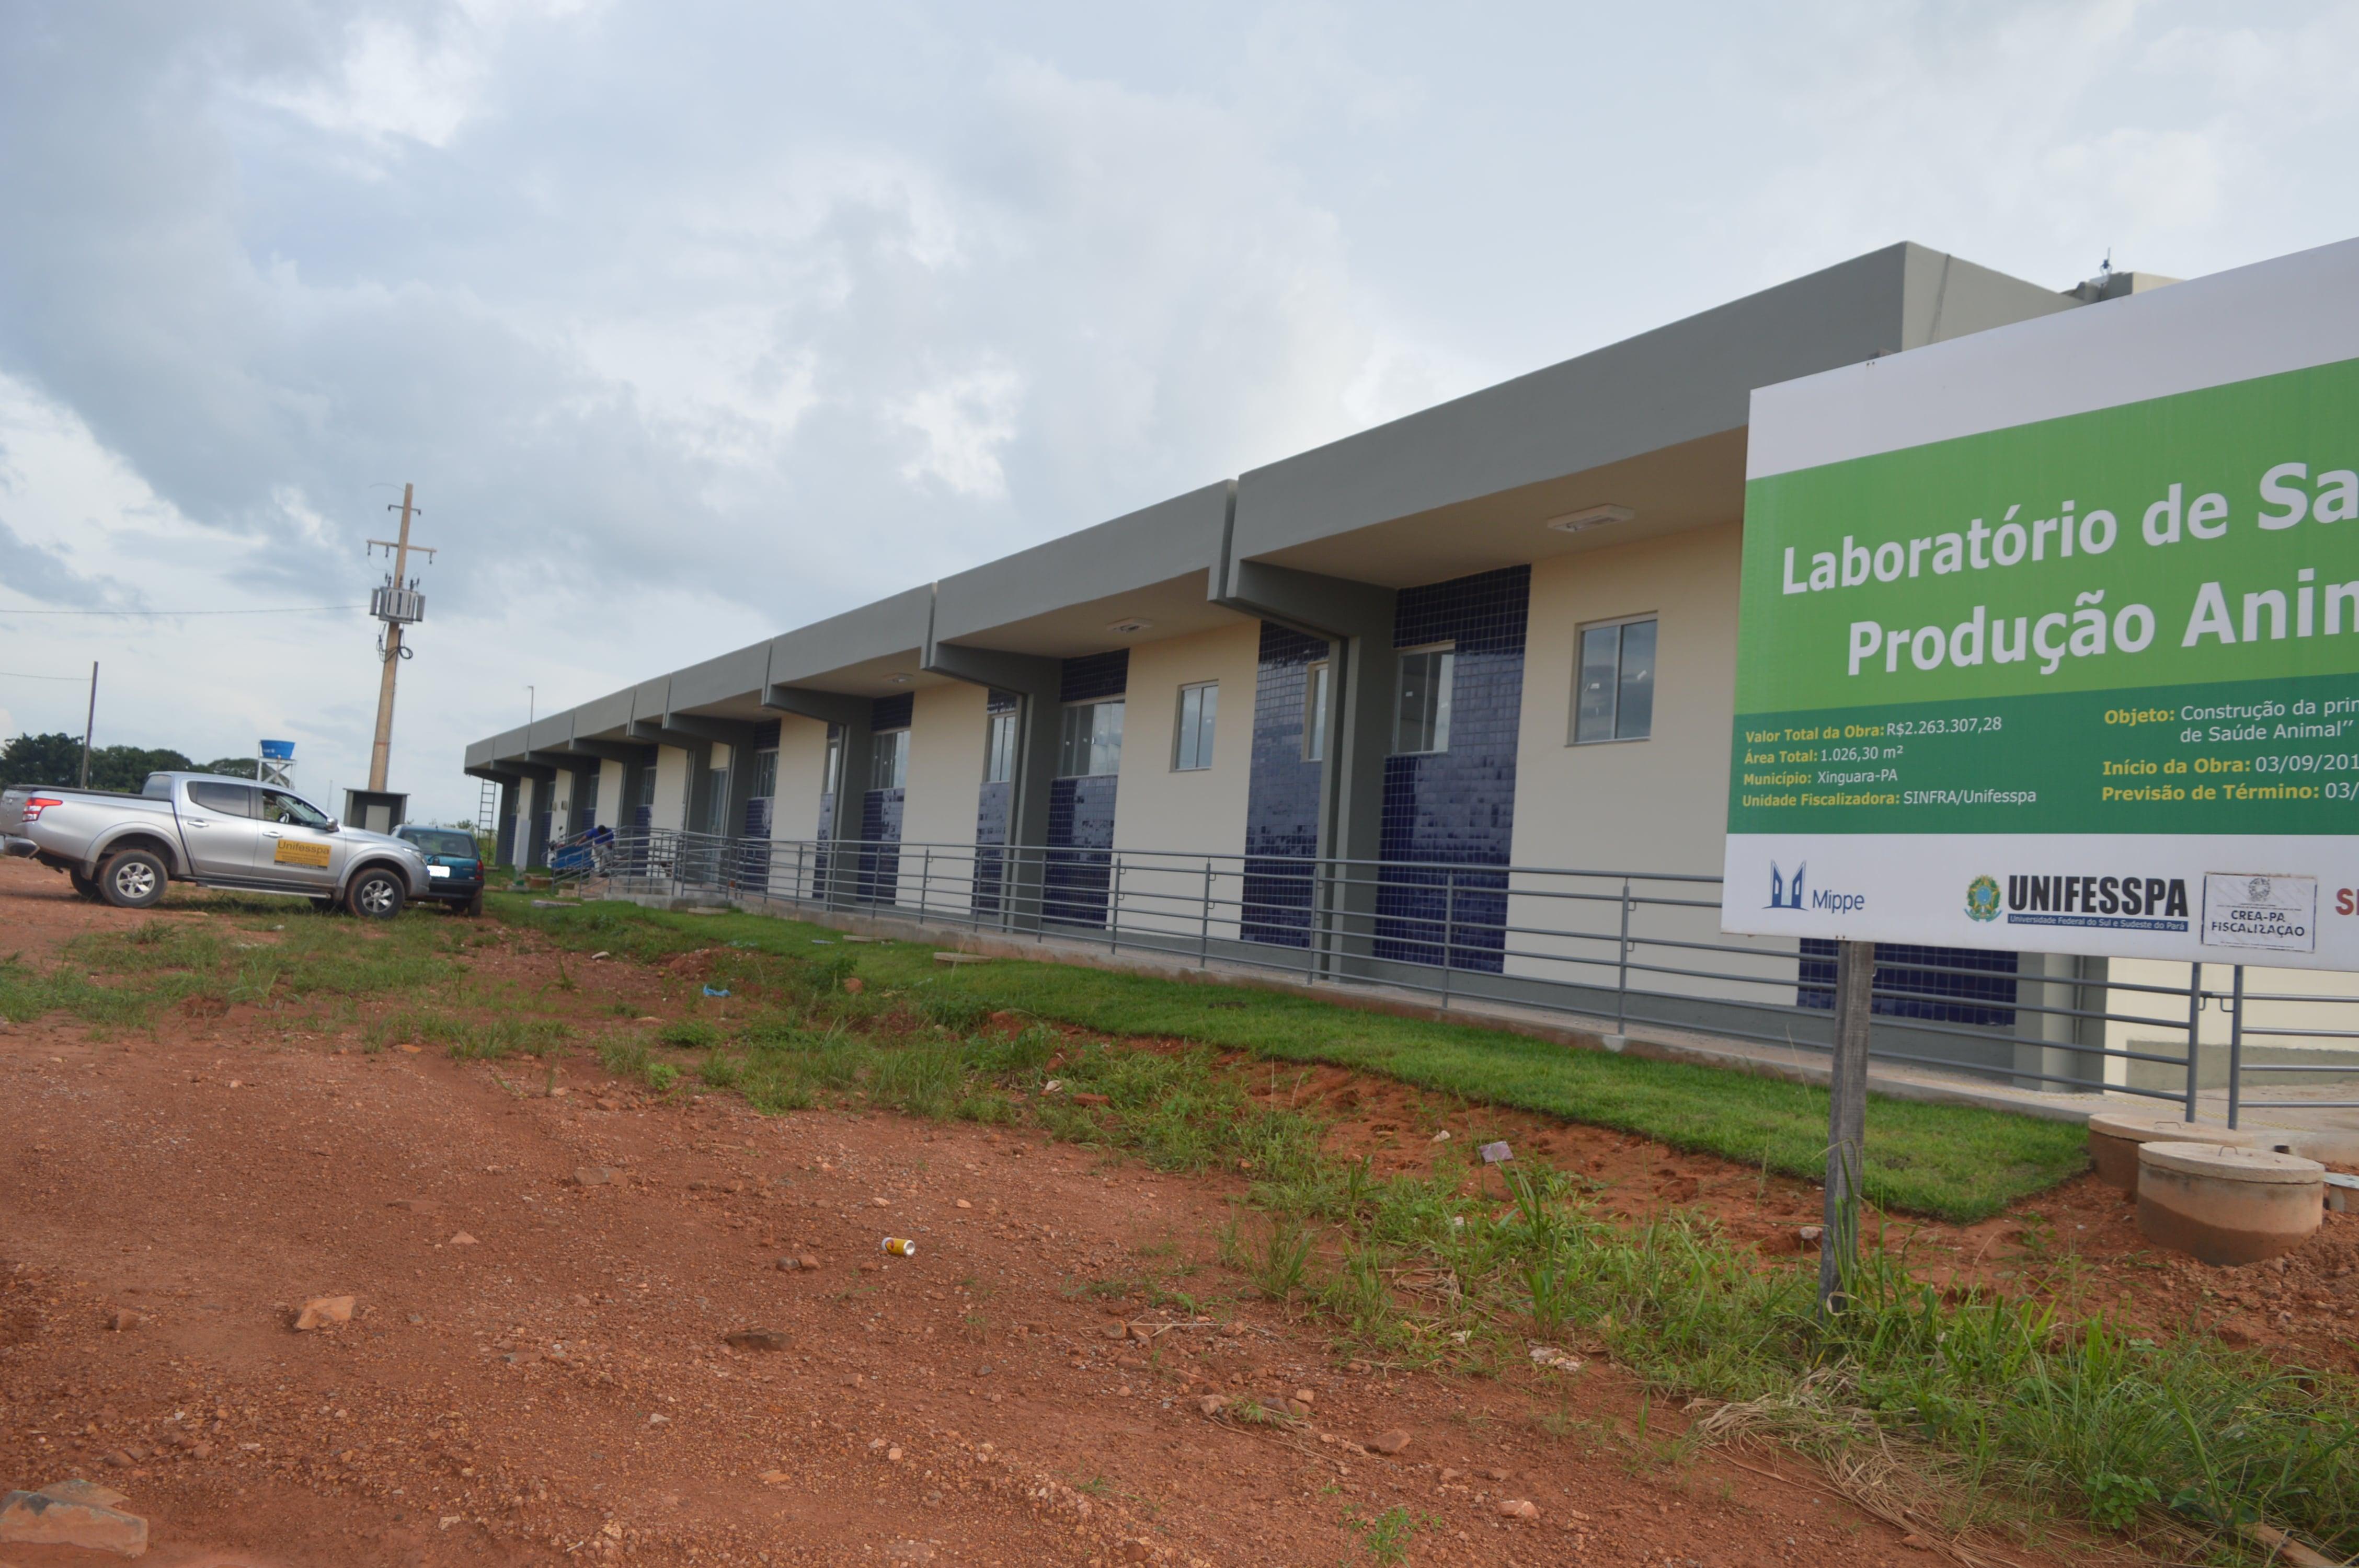 Construção do Laboratório de Produção e Saúde Animal, localizado no Campus Universitário de Xinguara - PA